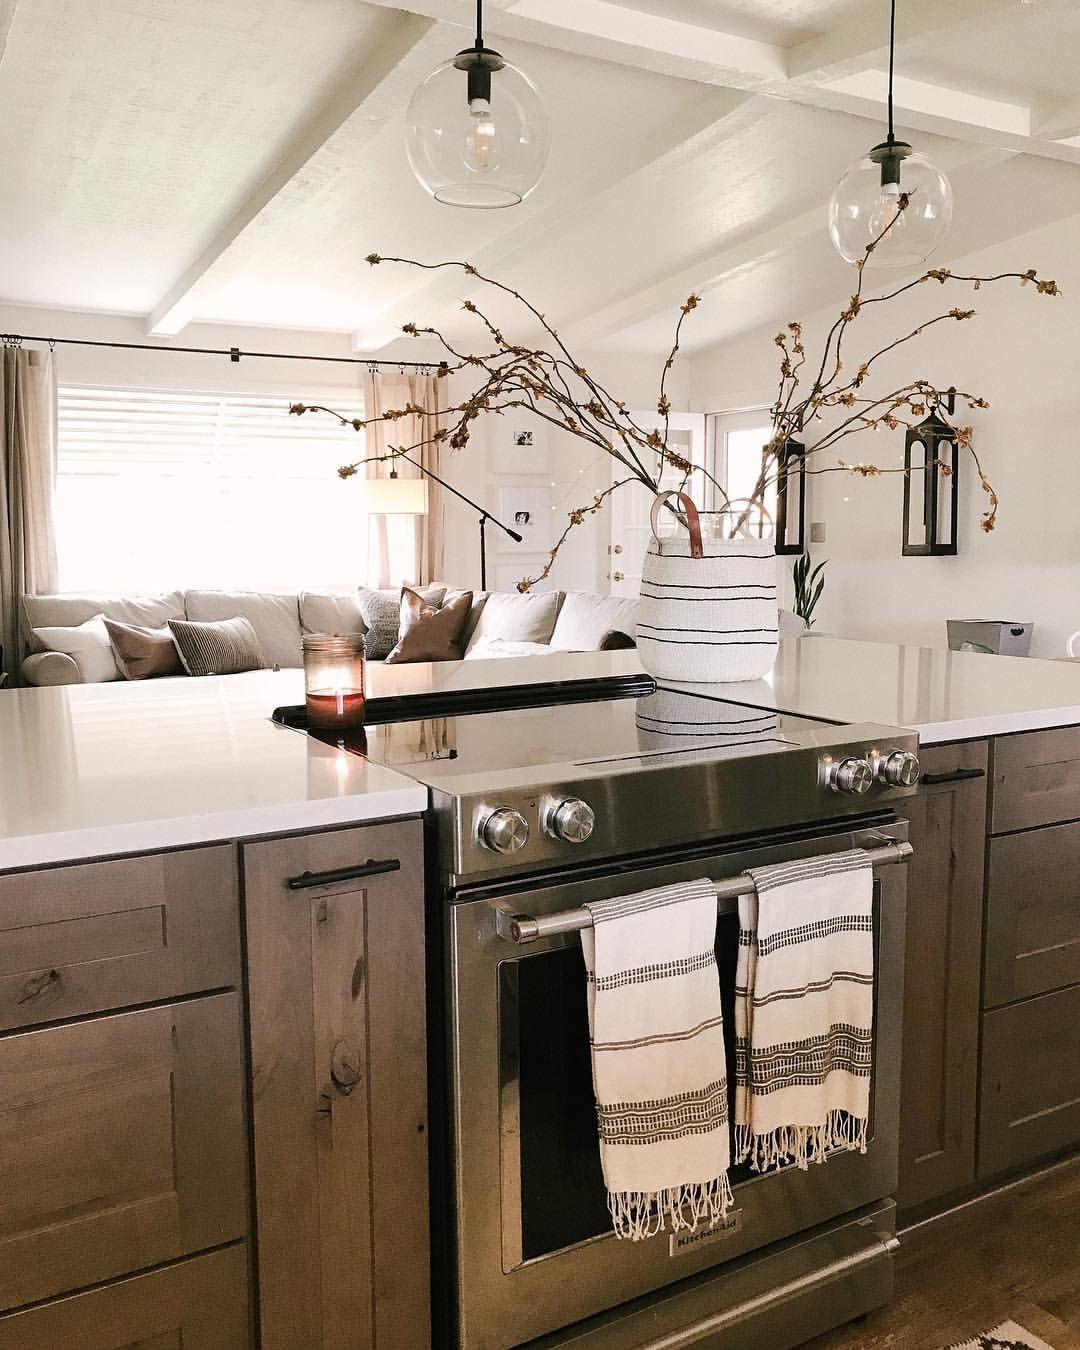 Ahnung Andere Auf Dass Die Einige Ahnung Andere Auf Dass Die Einige In 2020 Stained Kitchen Cabinets New Kitchen Cabinets Alder Kitchen Cabinets